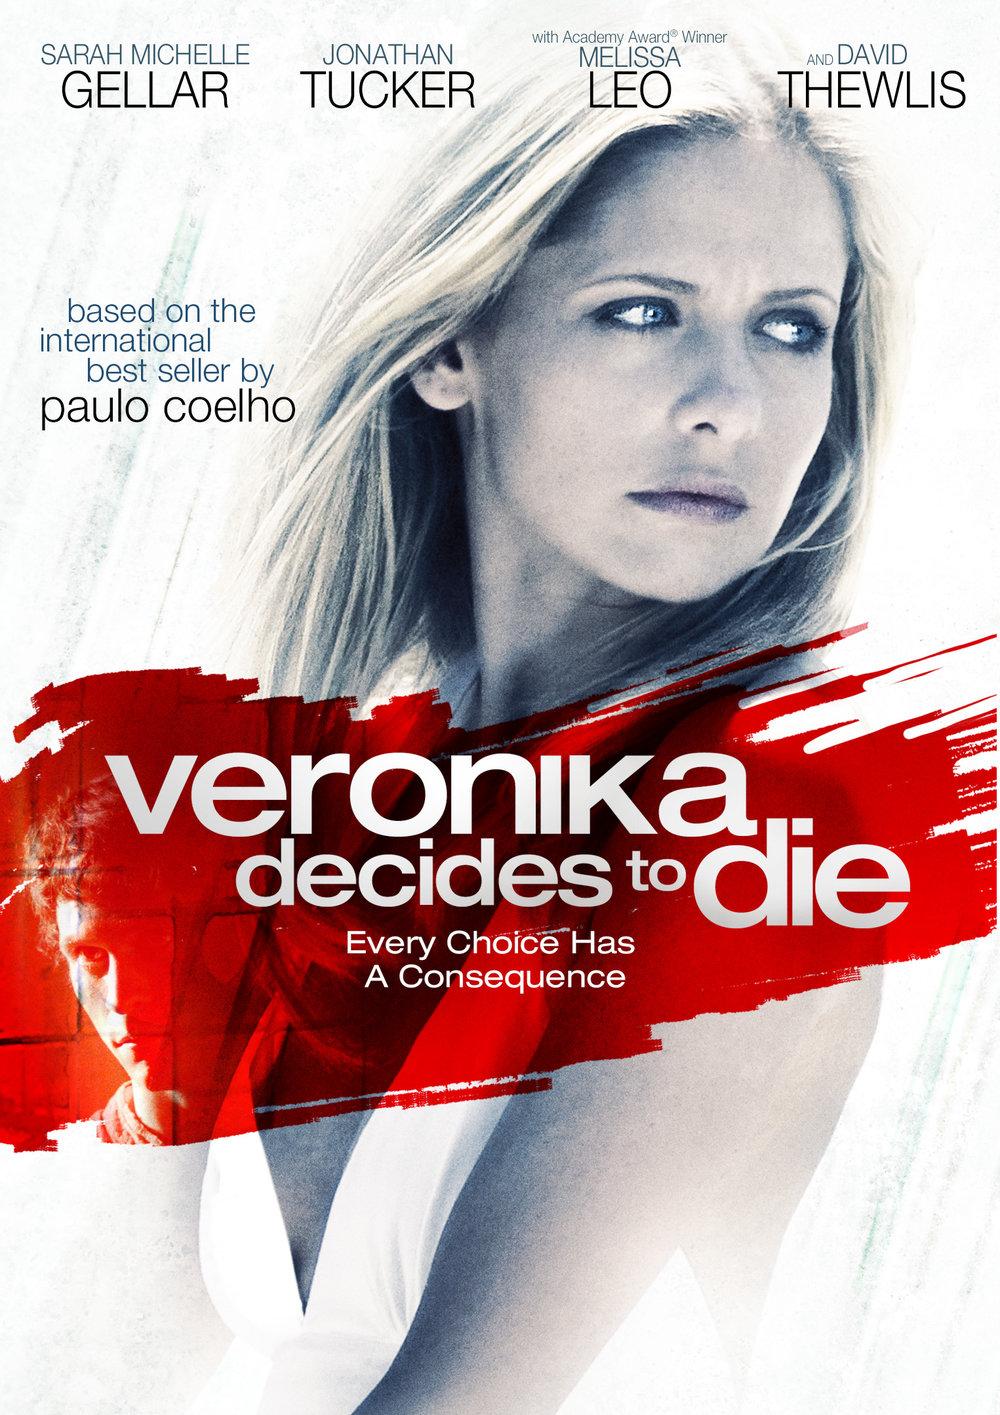 veronika decides to die.jpg